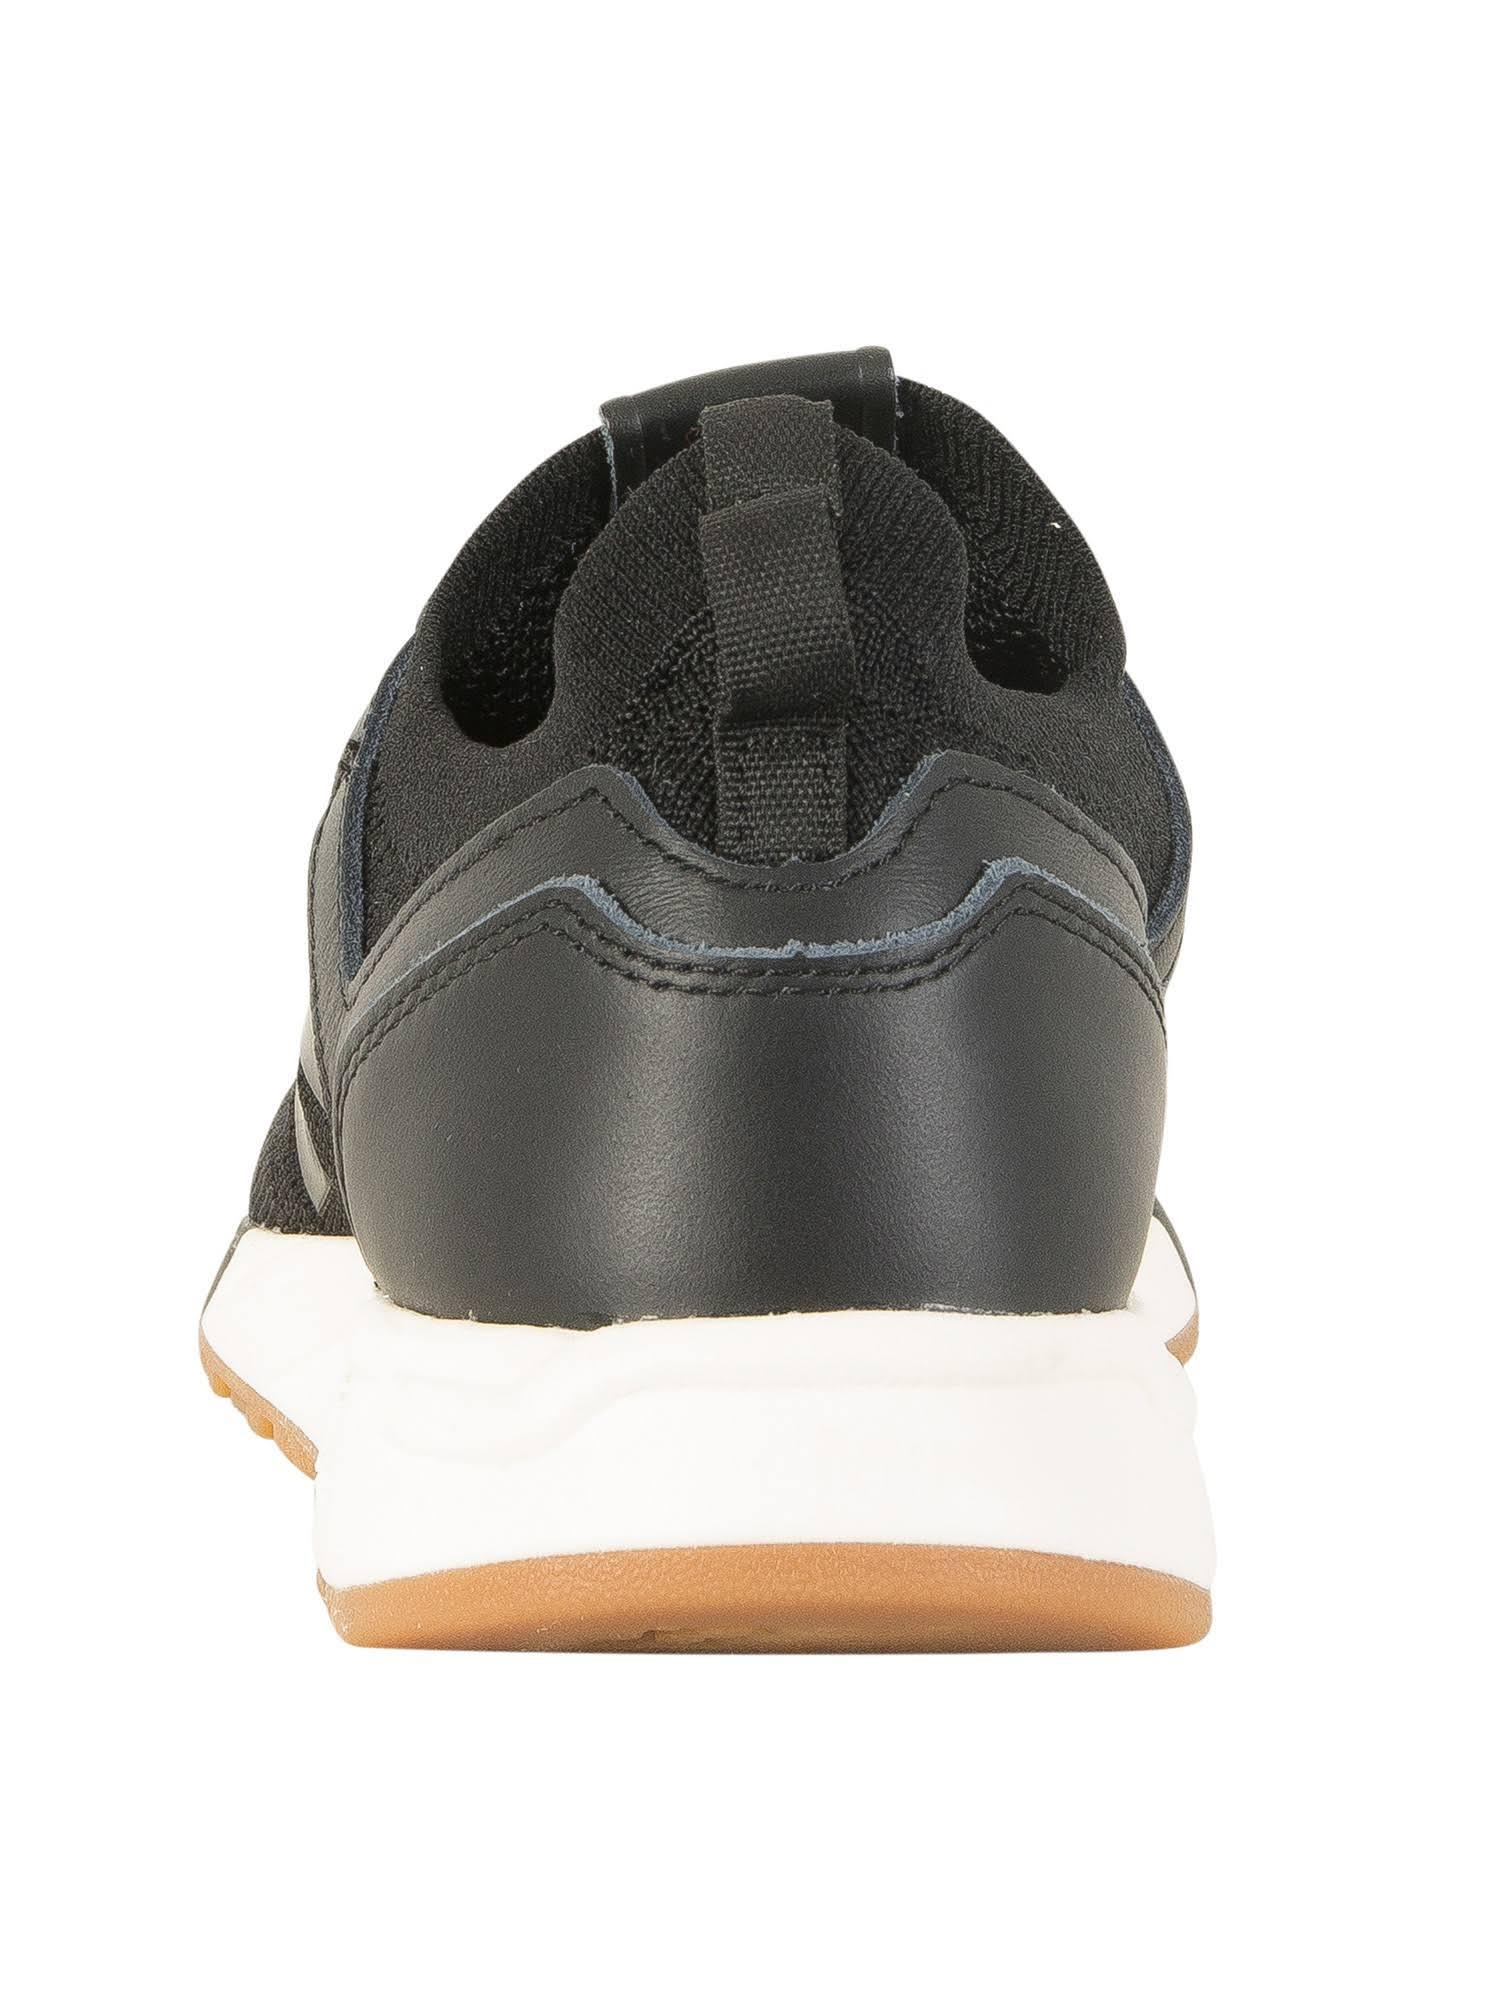 Mrl247db New Mesh Size Trainer Black Size Balance Mens 10 7SwqSz5